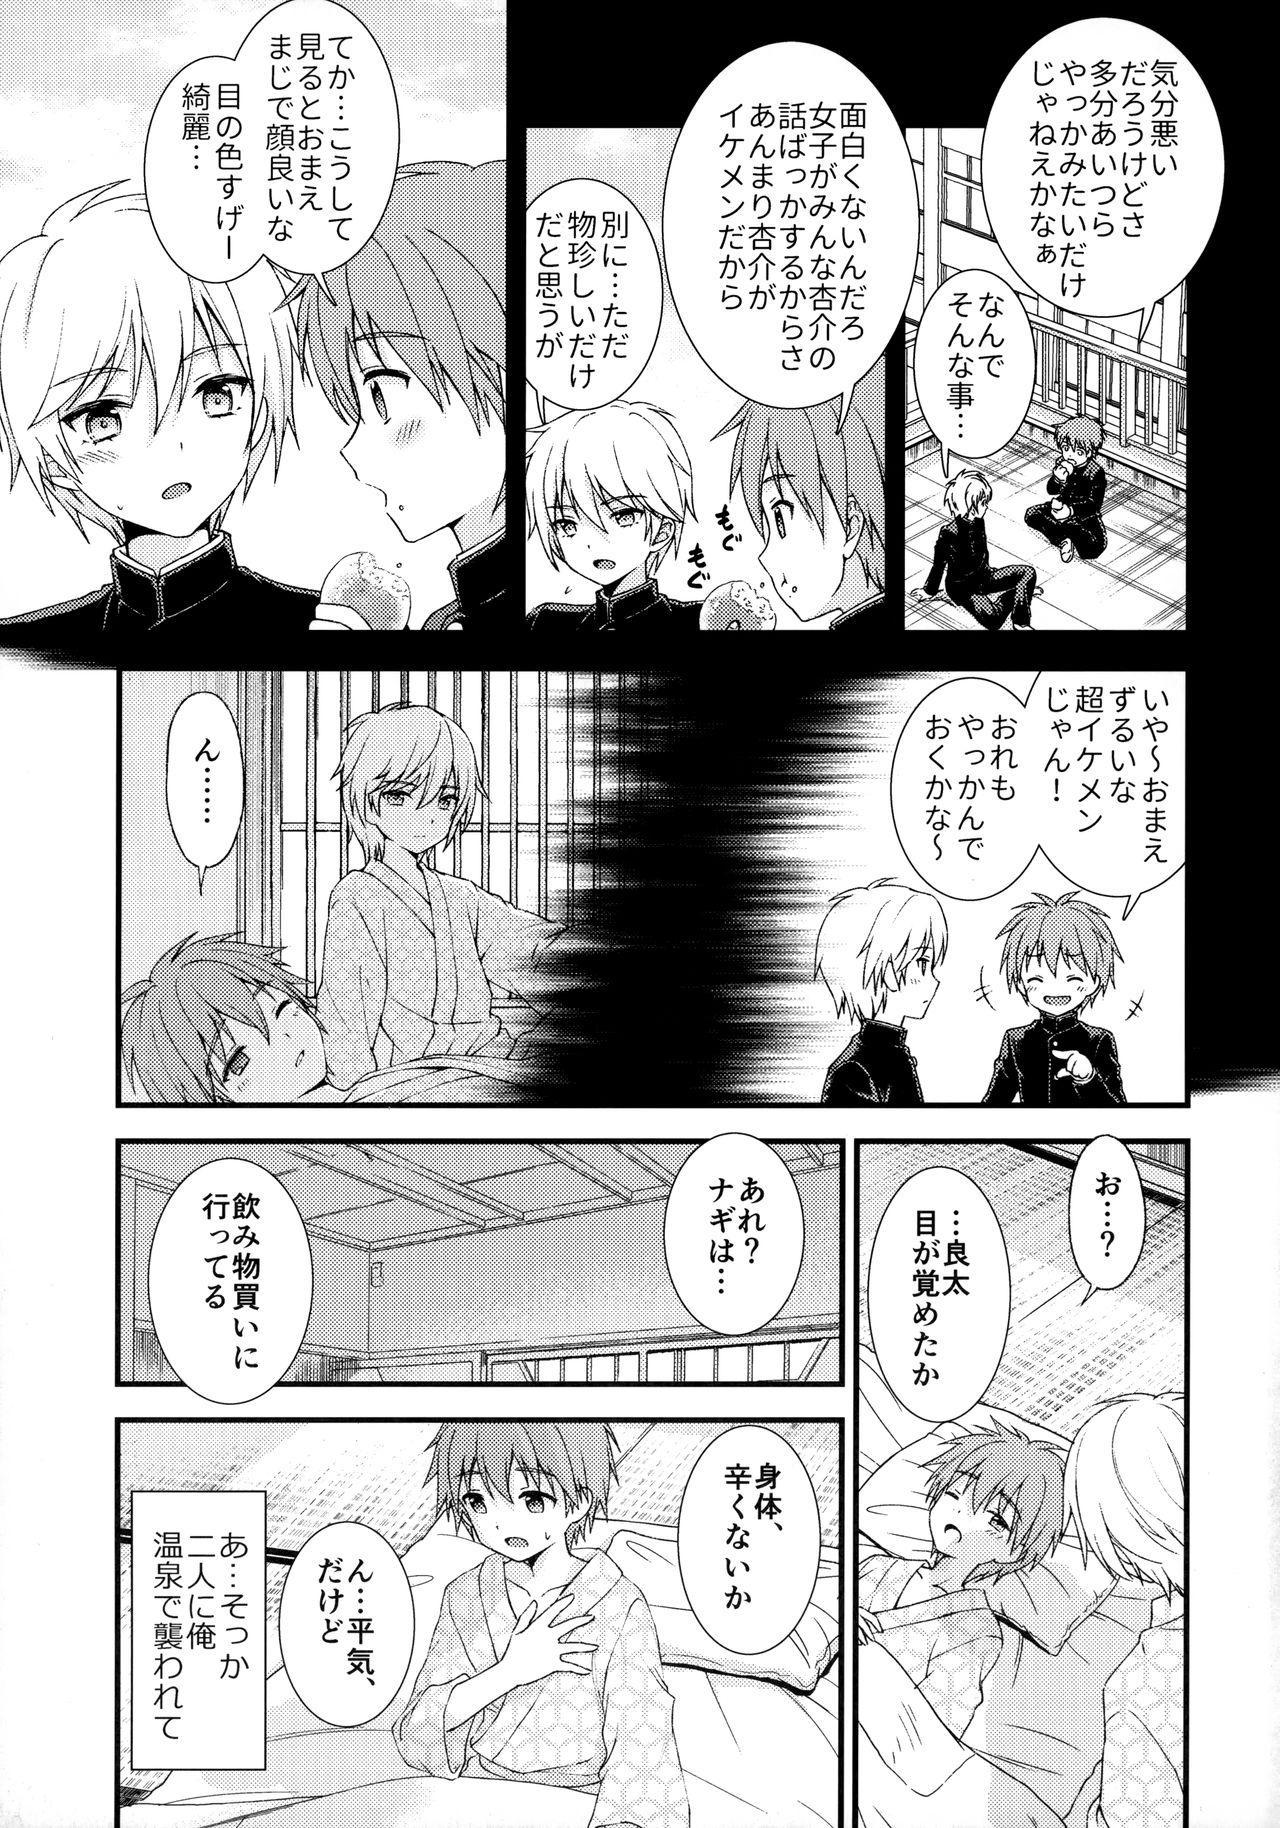 Nagasare 3P Sotsugyou Ryokou 17